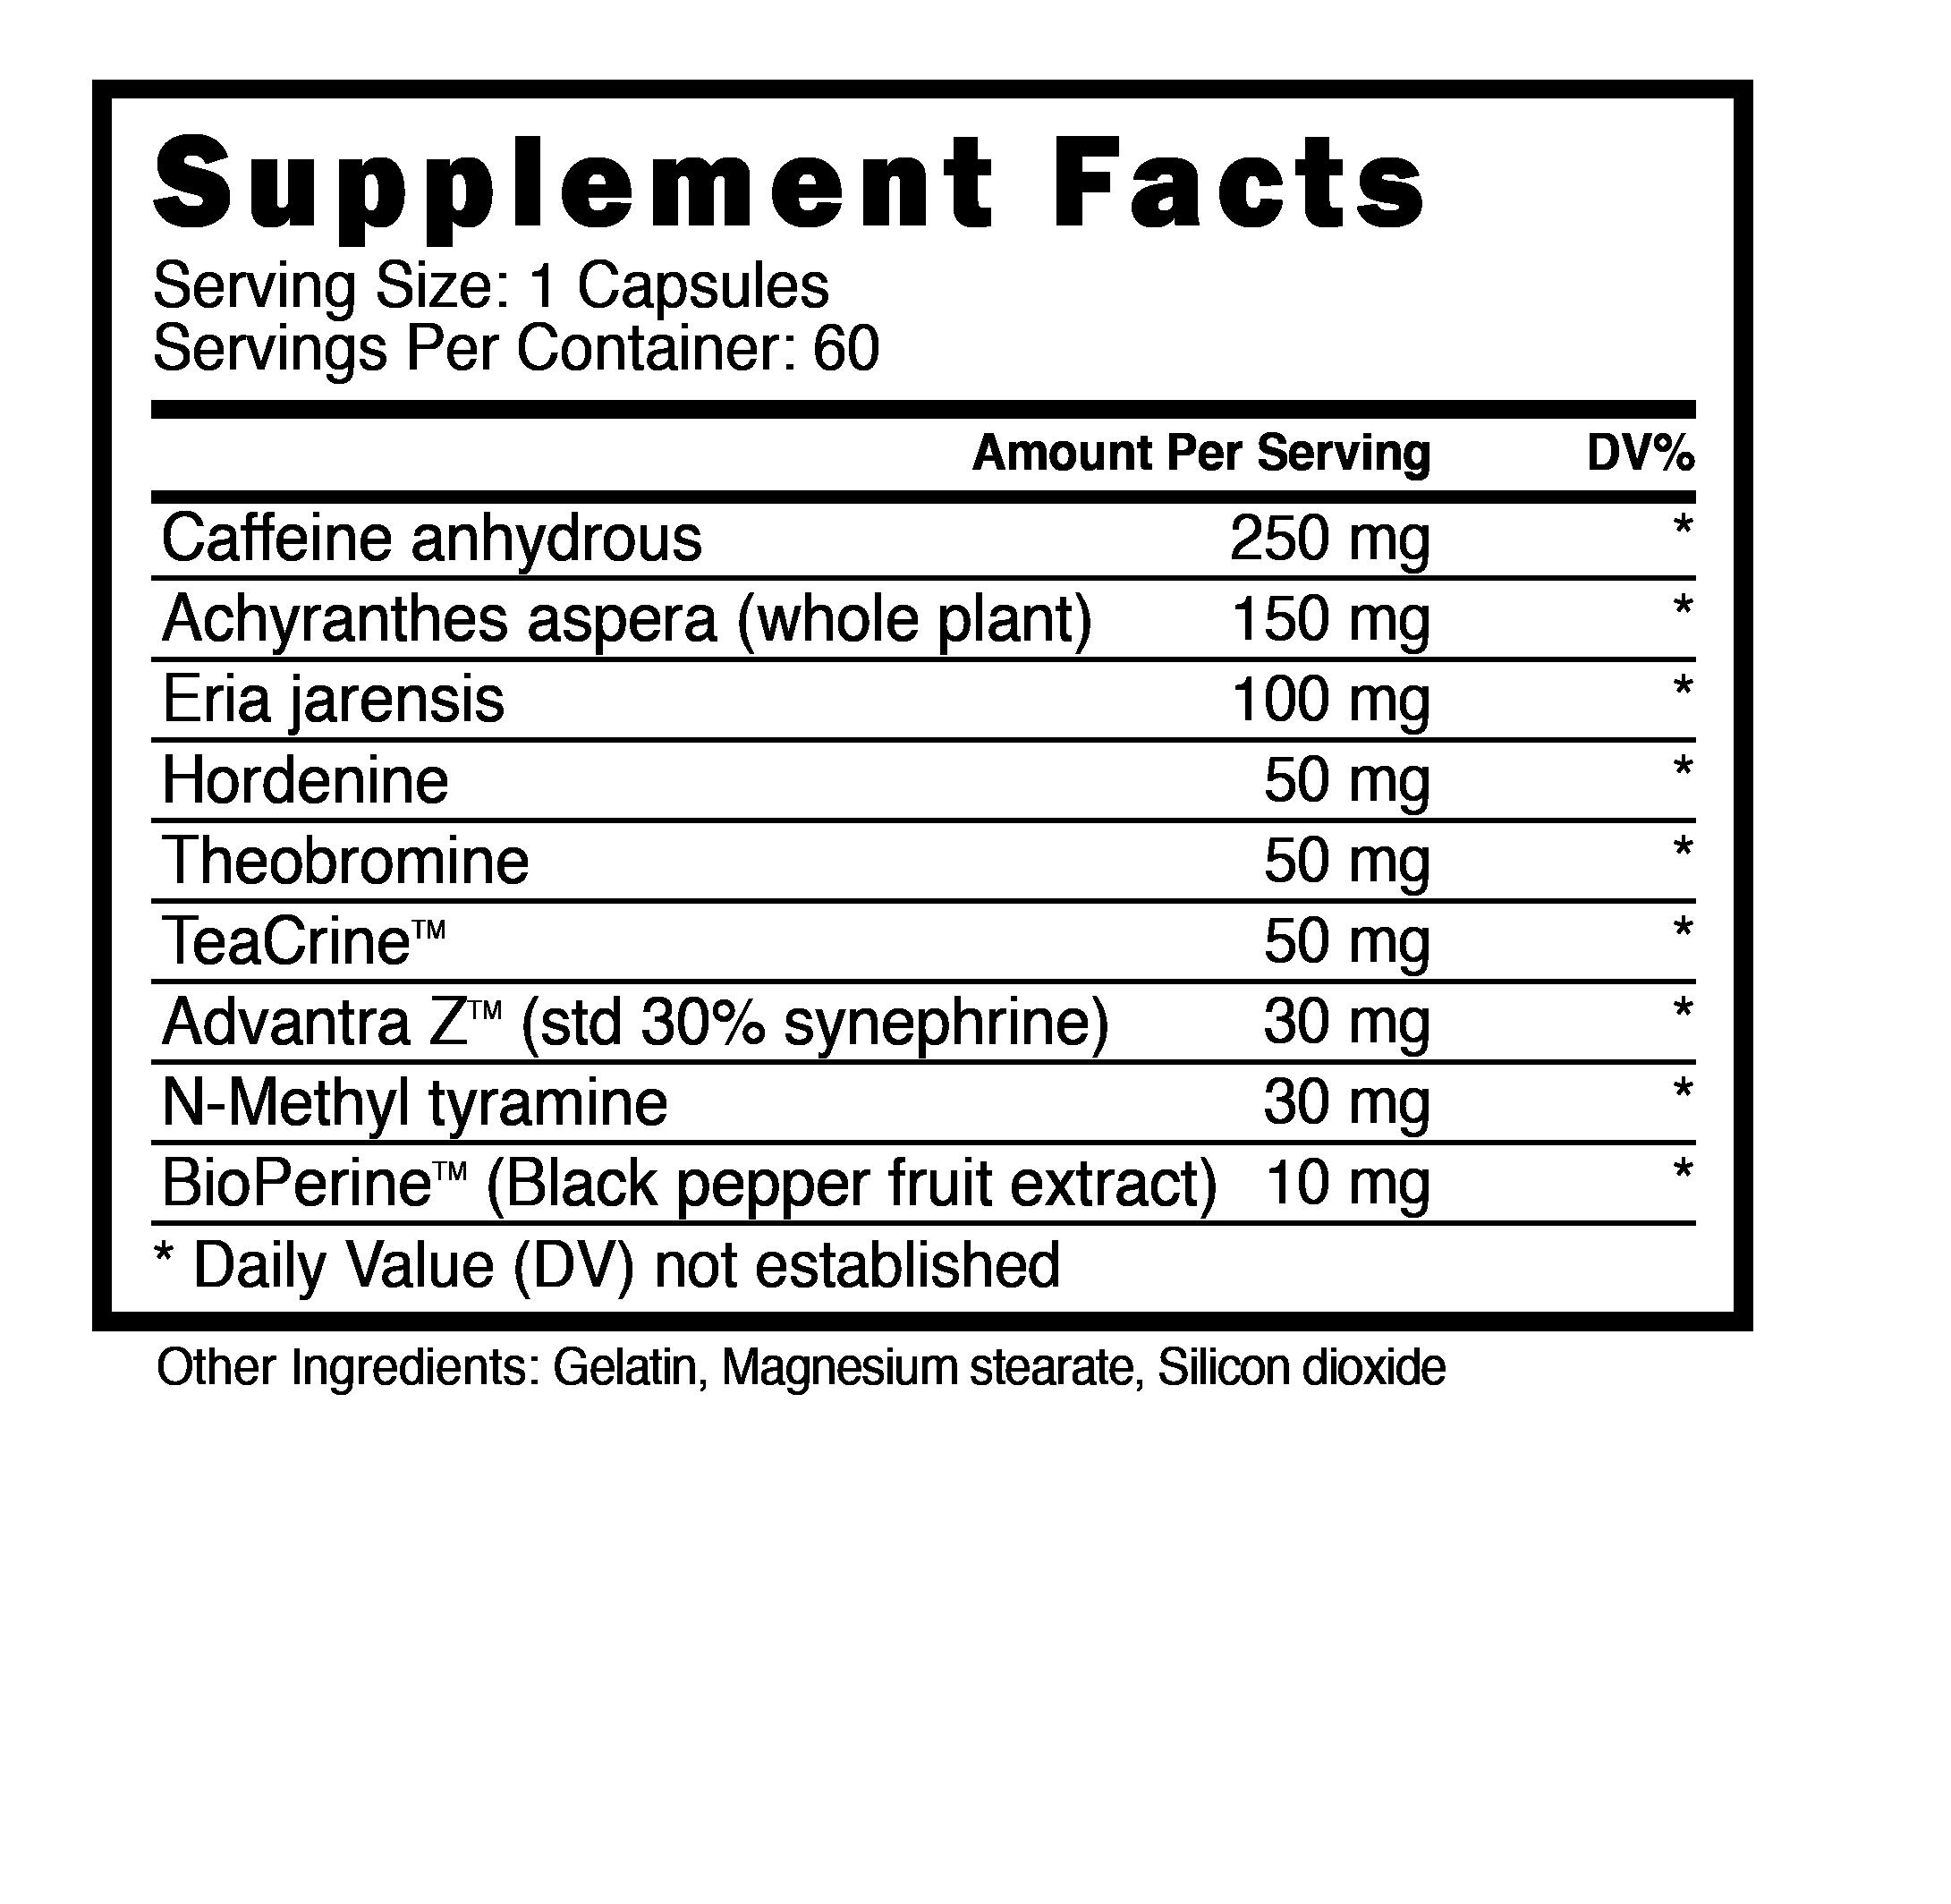 viperx.png